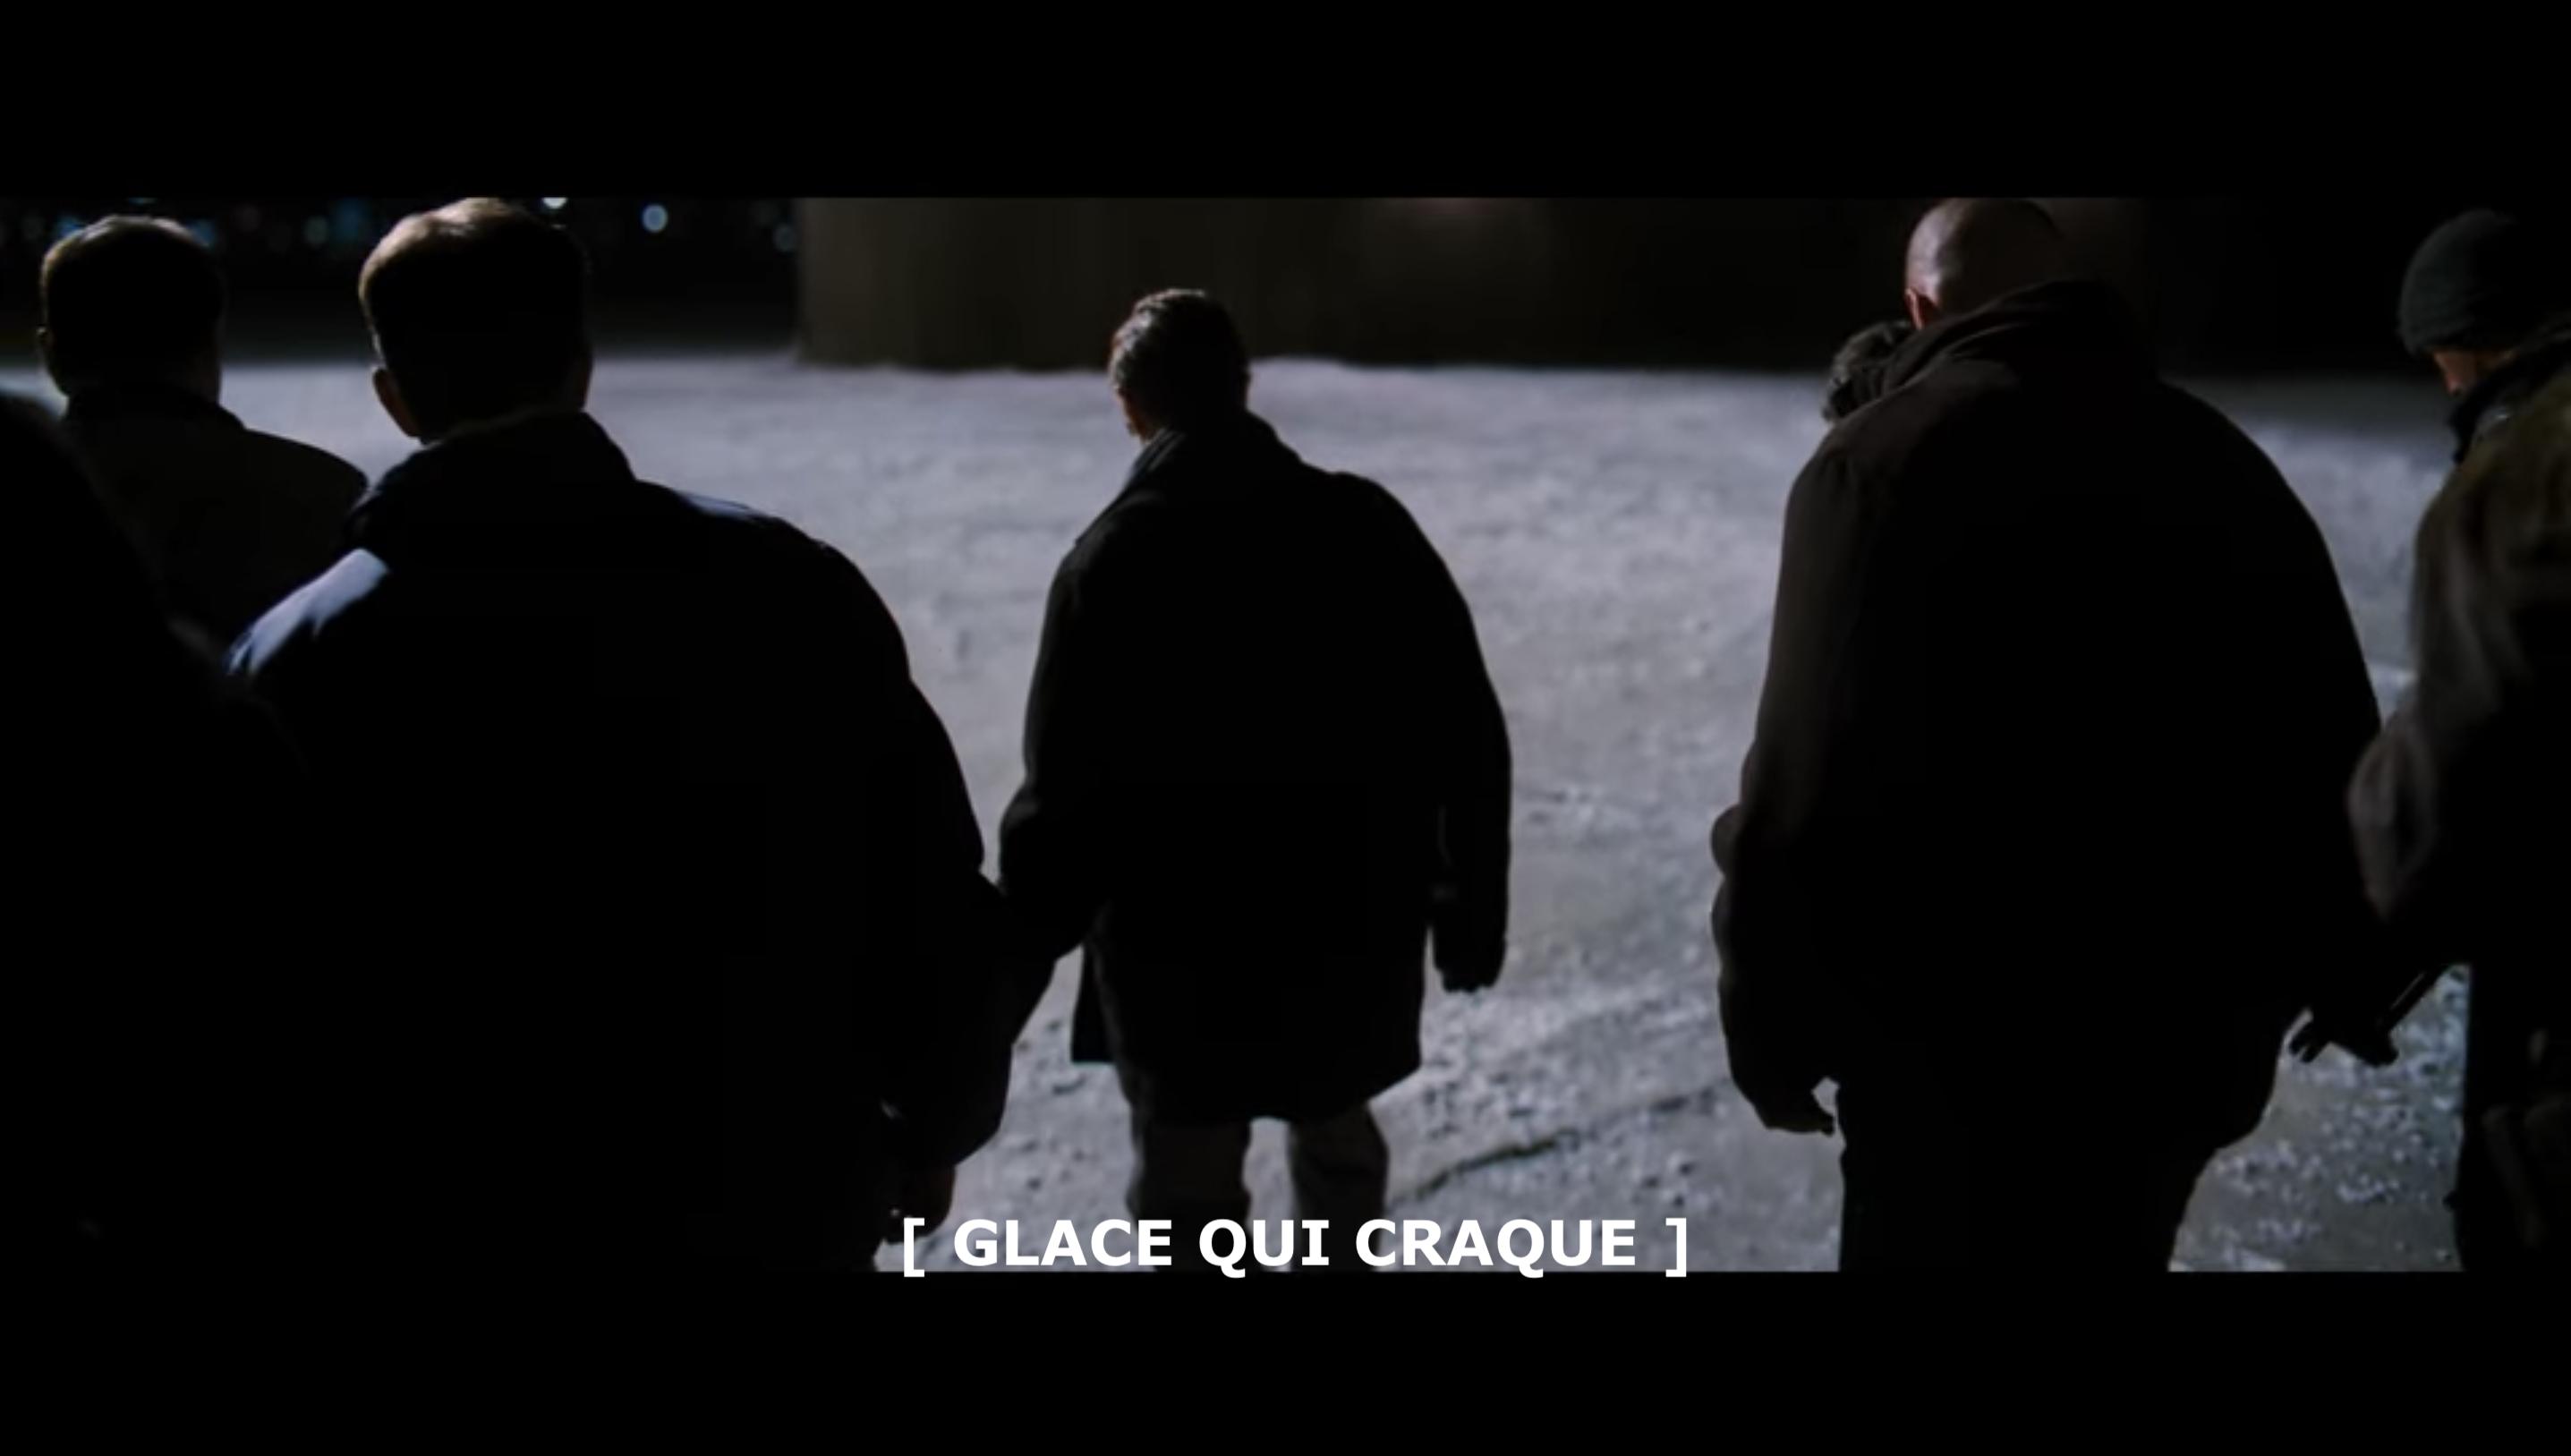 Groupe de personnes qui marchent sur la glace. Les télétexte indique